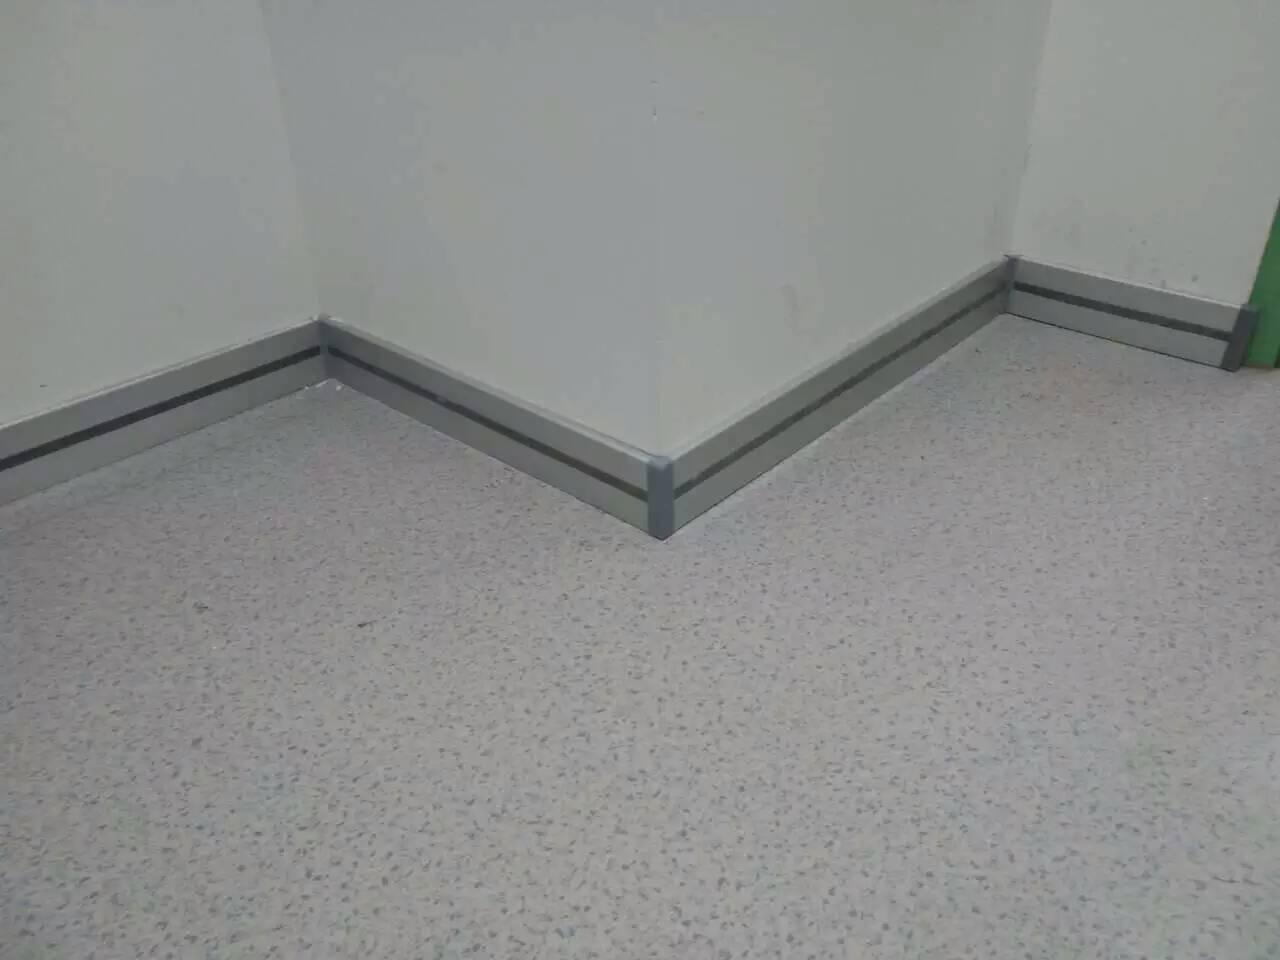 商用,医院,养老院专用pvc塑胶地板-【效果图,产品图